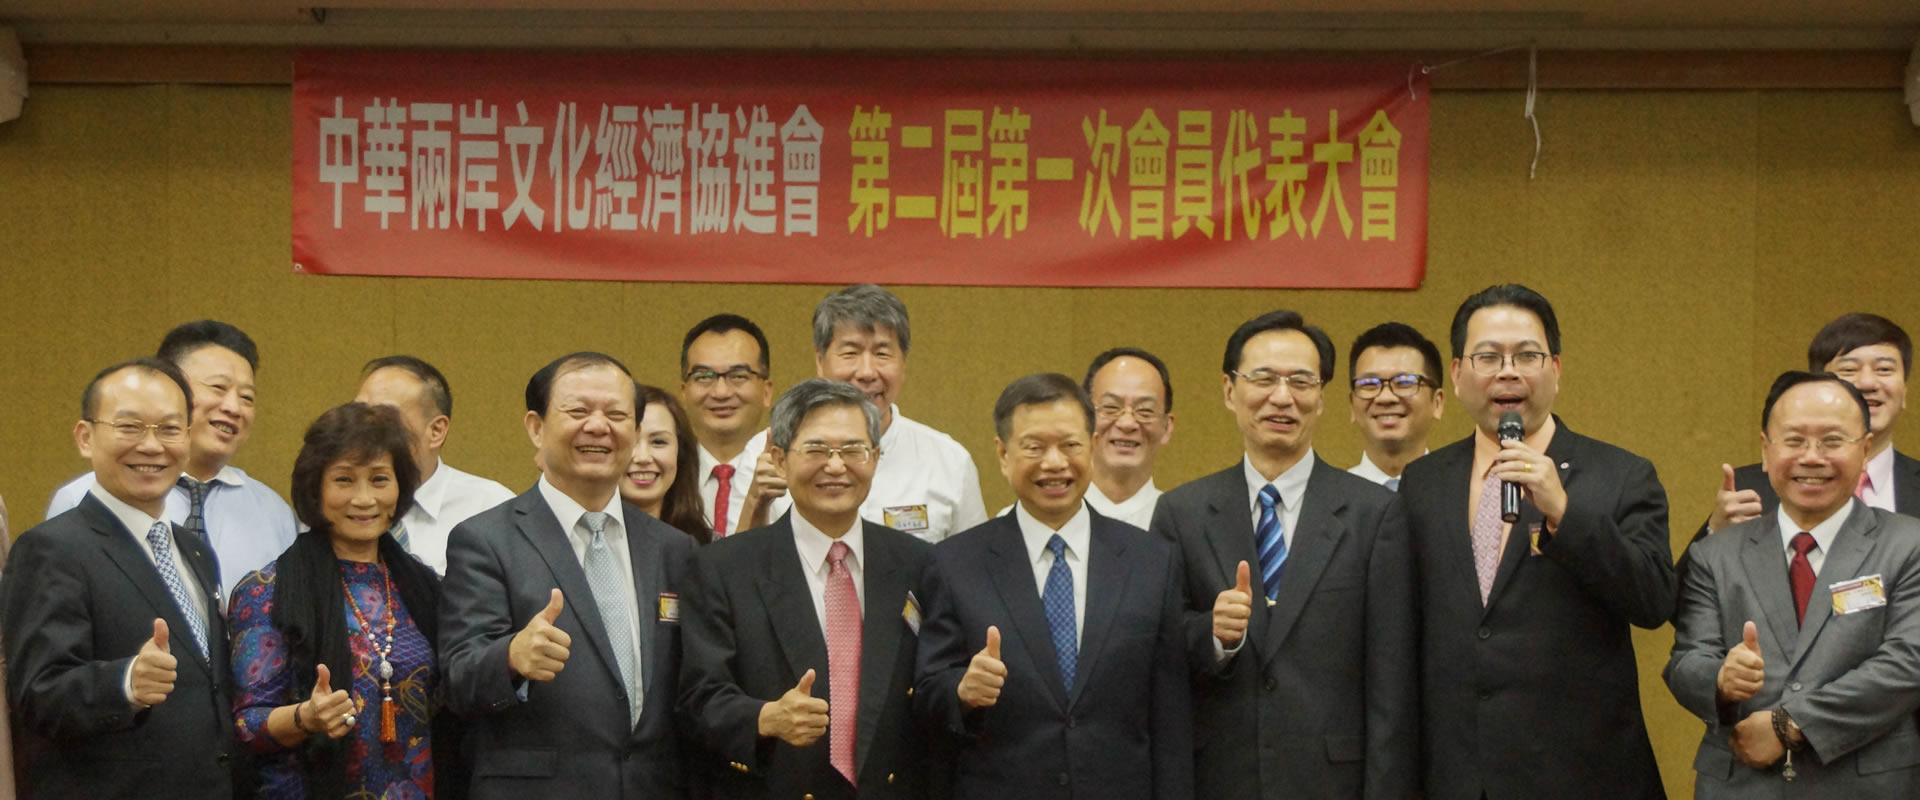 中華兩岸文化經濟協進會(首頁形象圖)-004